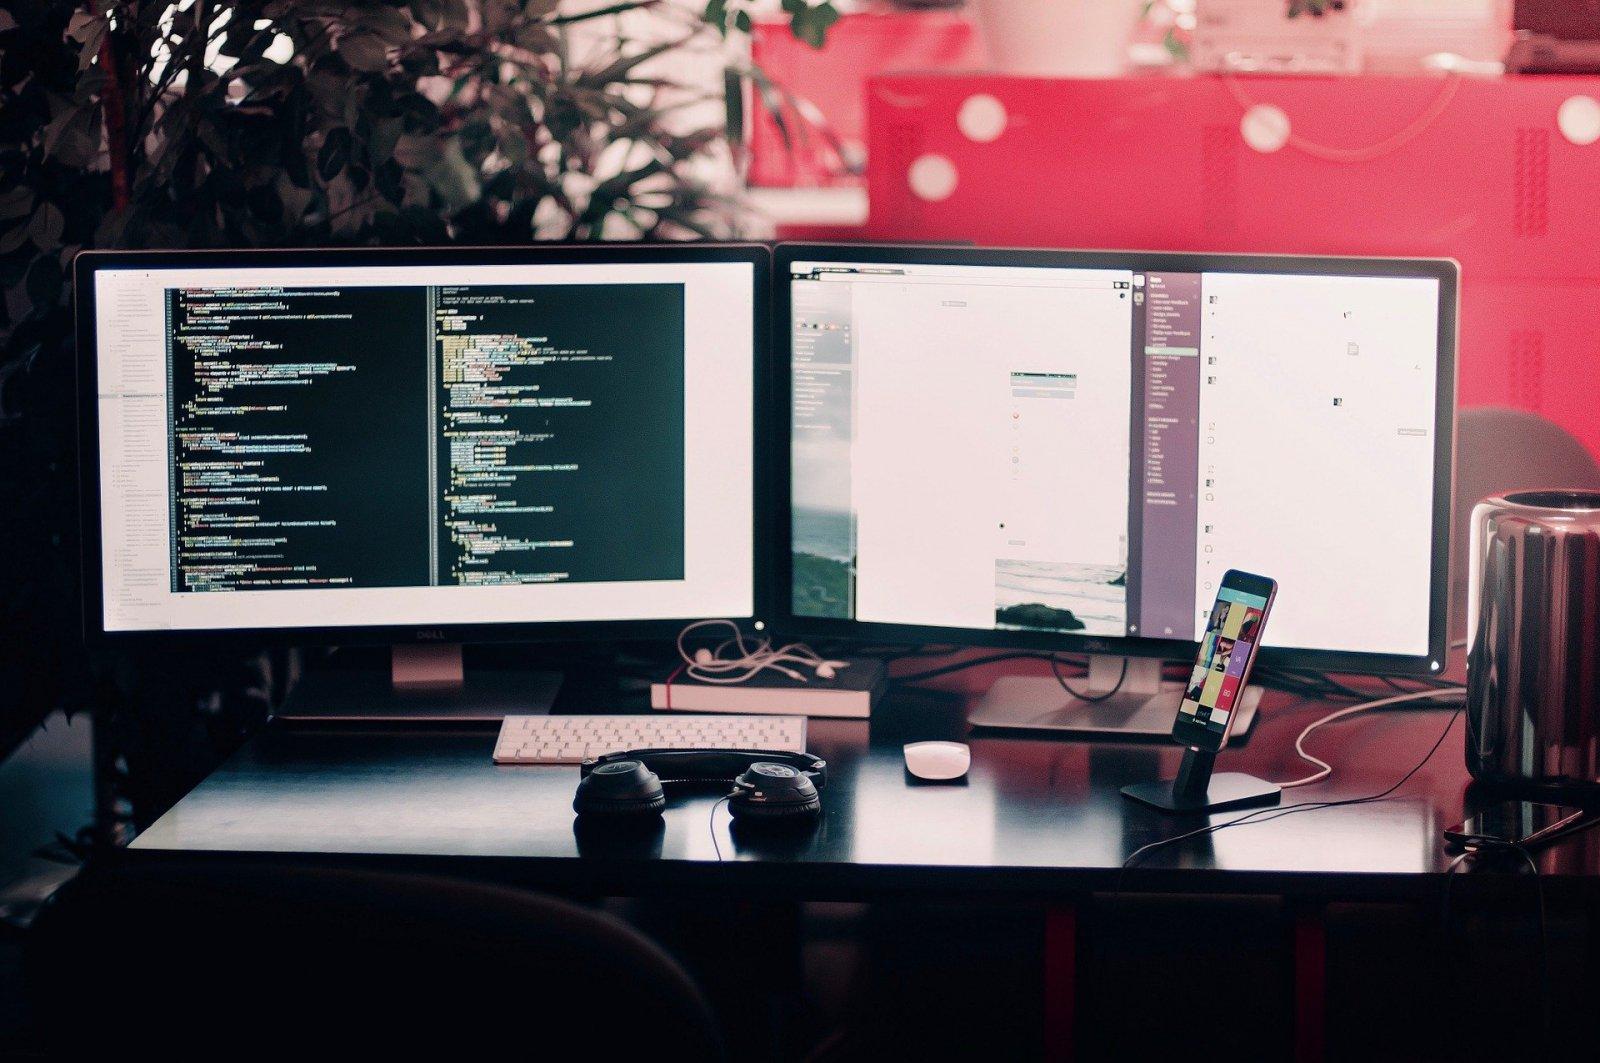 Услуги бюро перевода и важность профессионализма